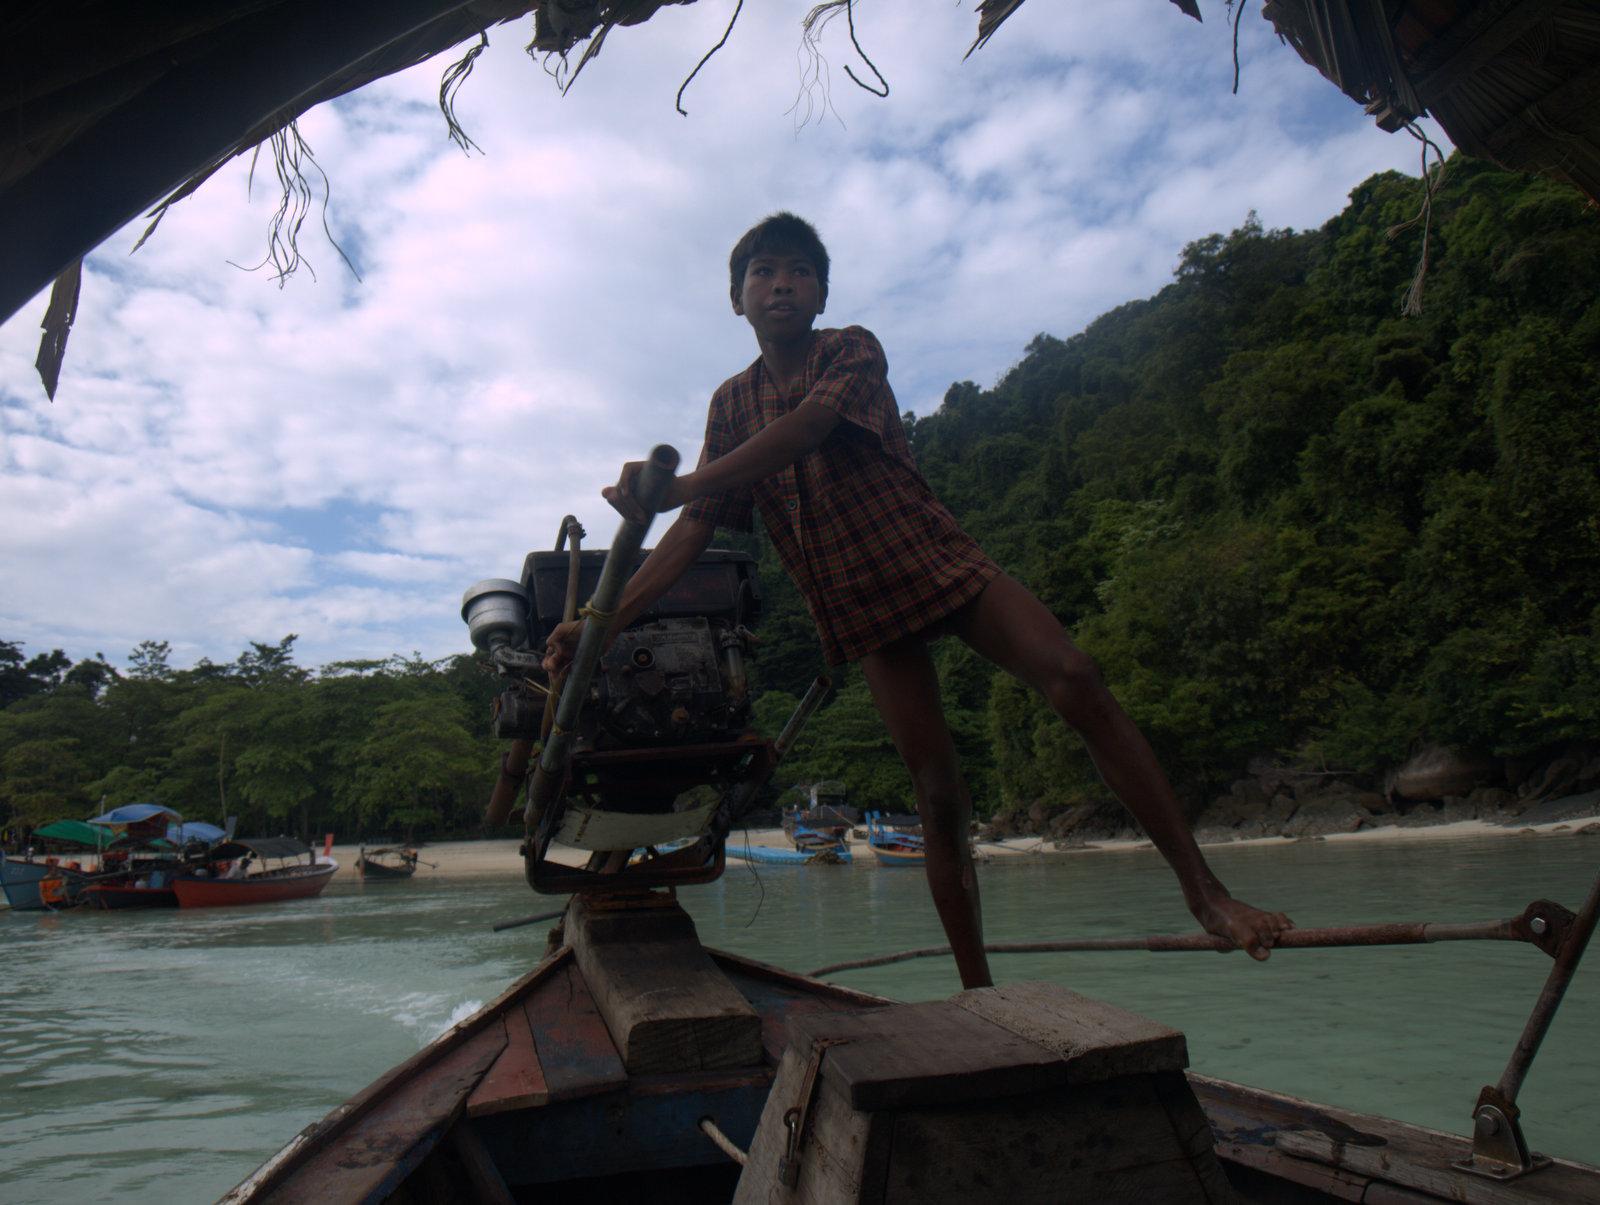 Ung thaidreng med åbent hul i ben - det heler langsomt hernede